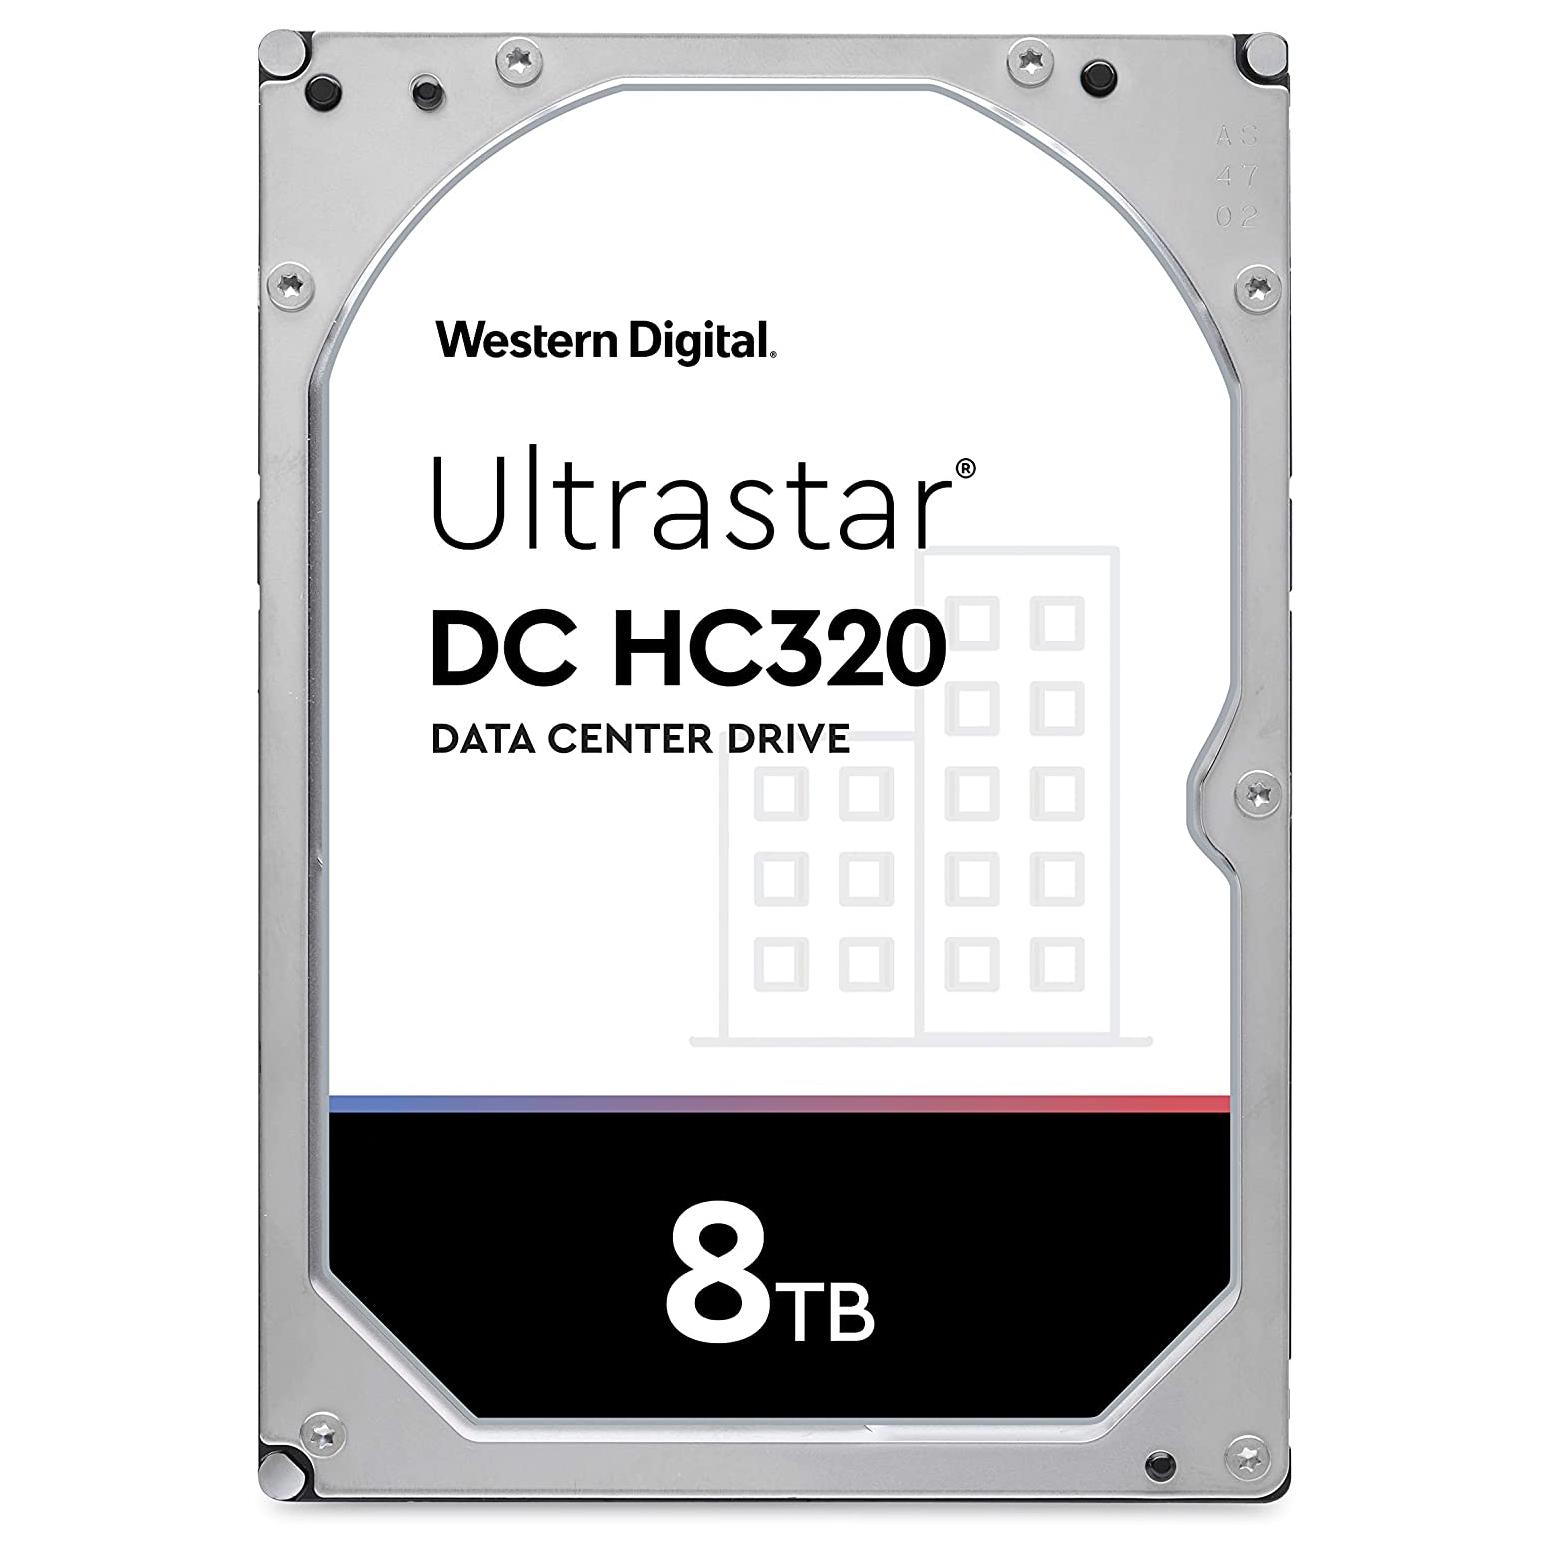 فروش نقدی و اقساطی هارد دیسک اینترنال وسترن دیجیتال مدل Ultrastar HUS728T8TALE6L4 ظرفیت 8 ترابایت